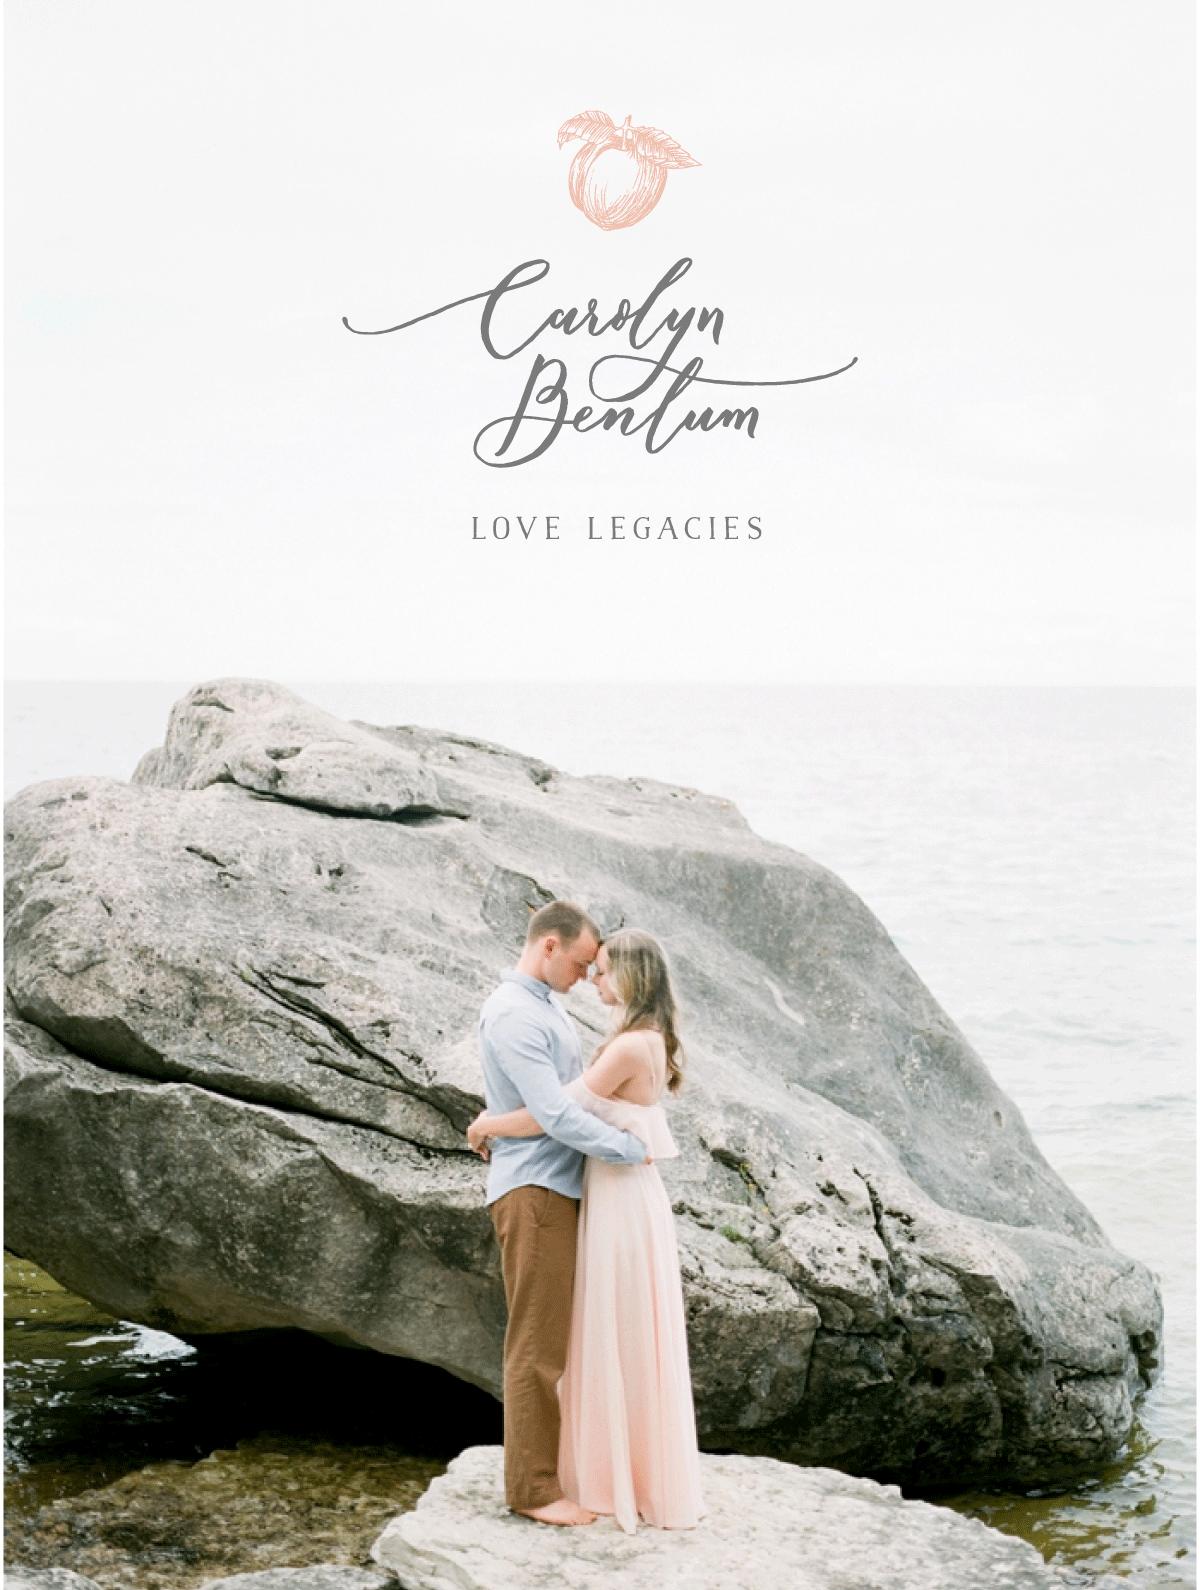 carolyn.bentum.logo.design.cover.png